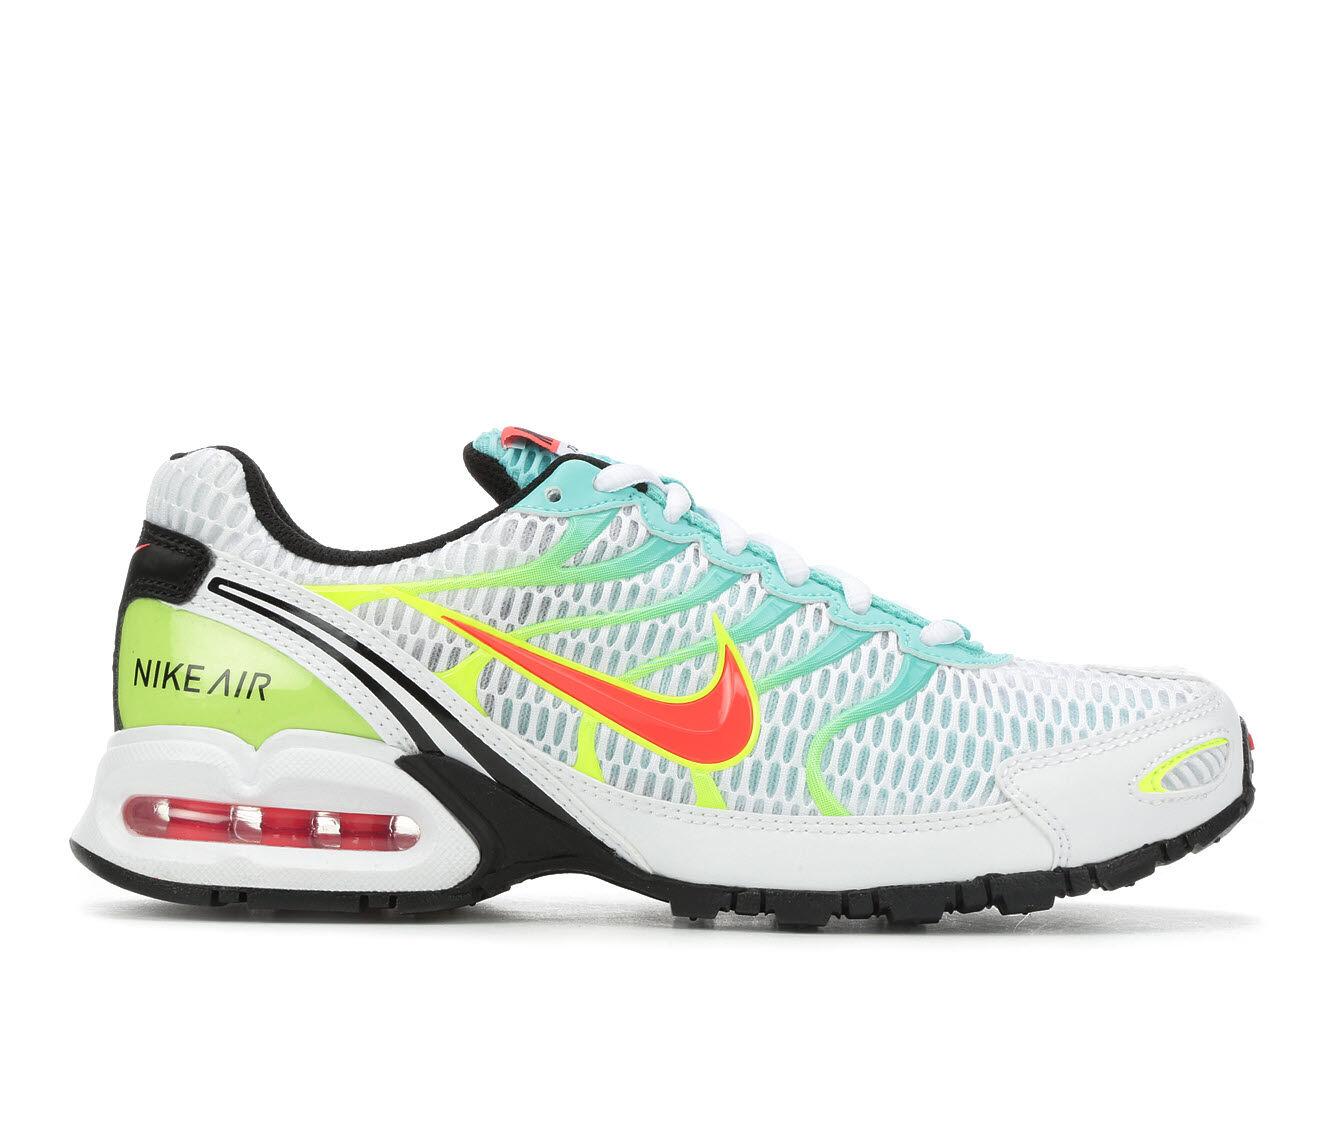 Women's Nike Air Max Torch 4 HV